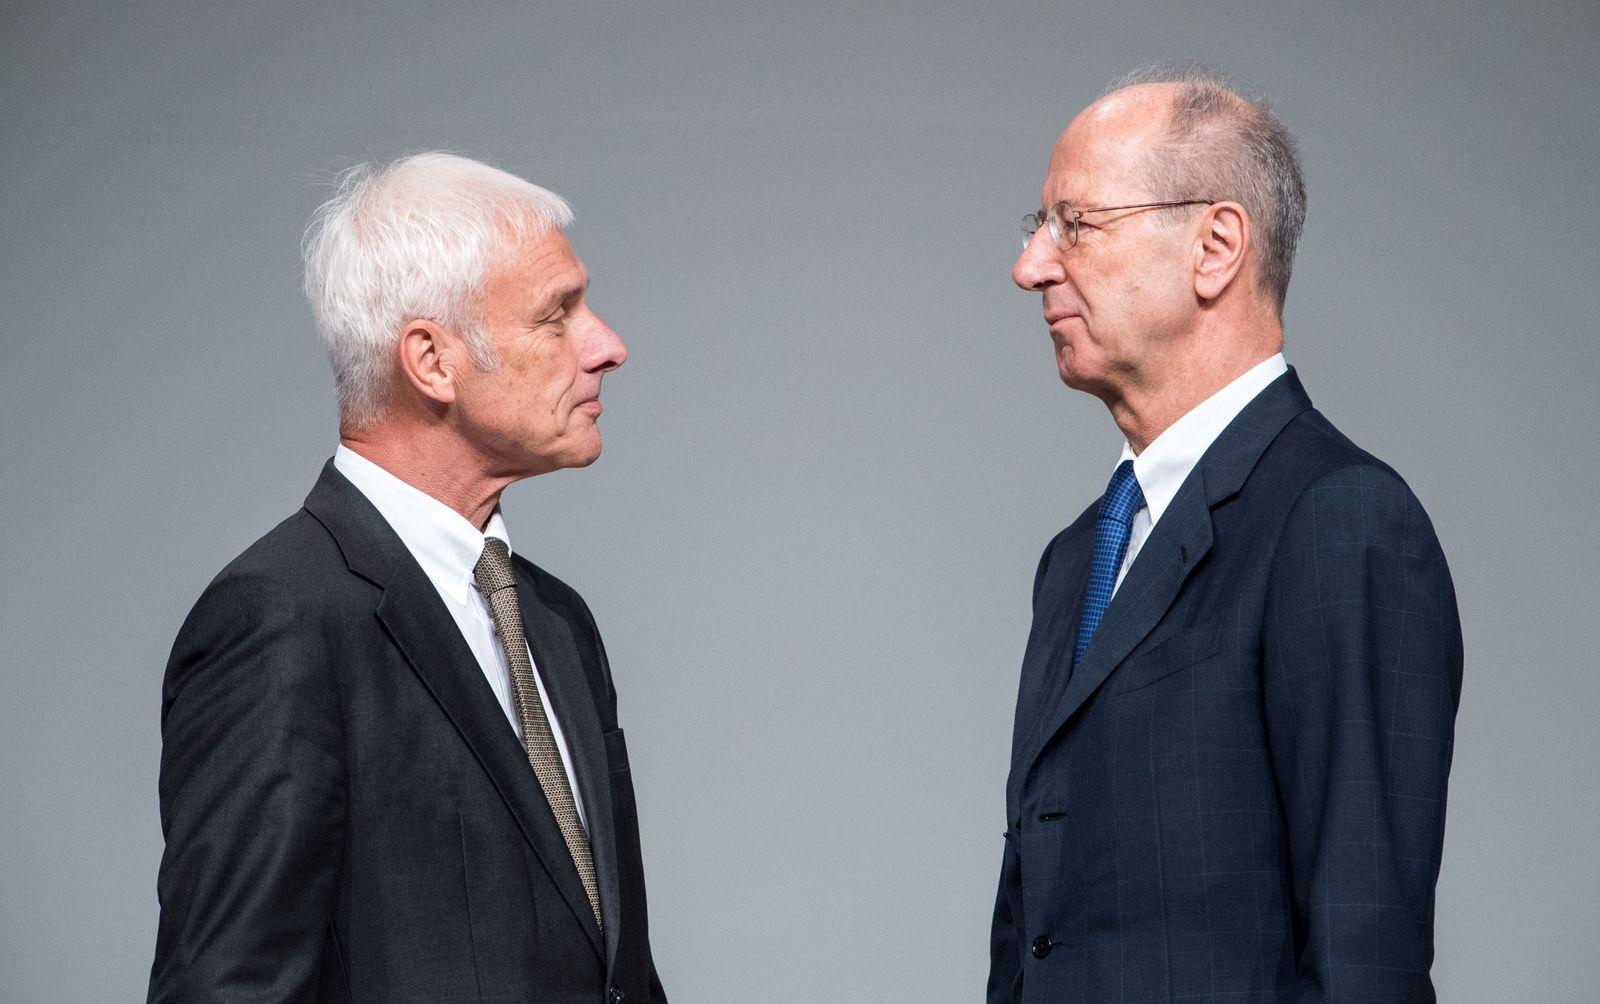 Ermittlungen gegen Pötsch und Müller in Stuttgart eingestellt